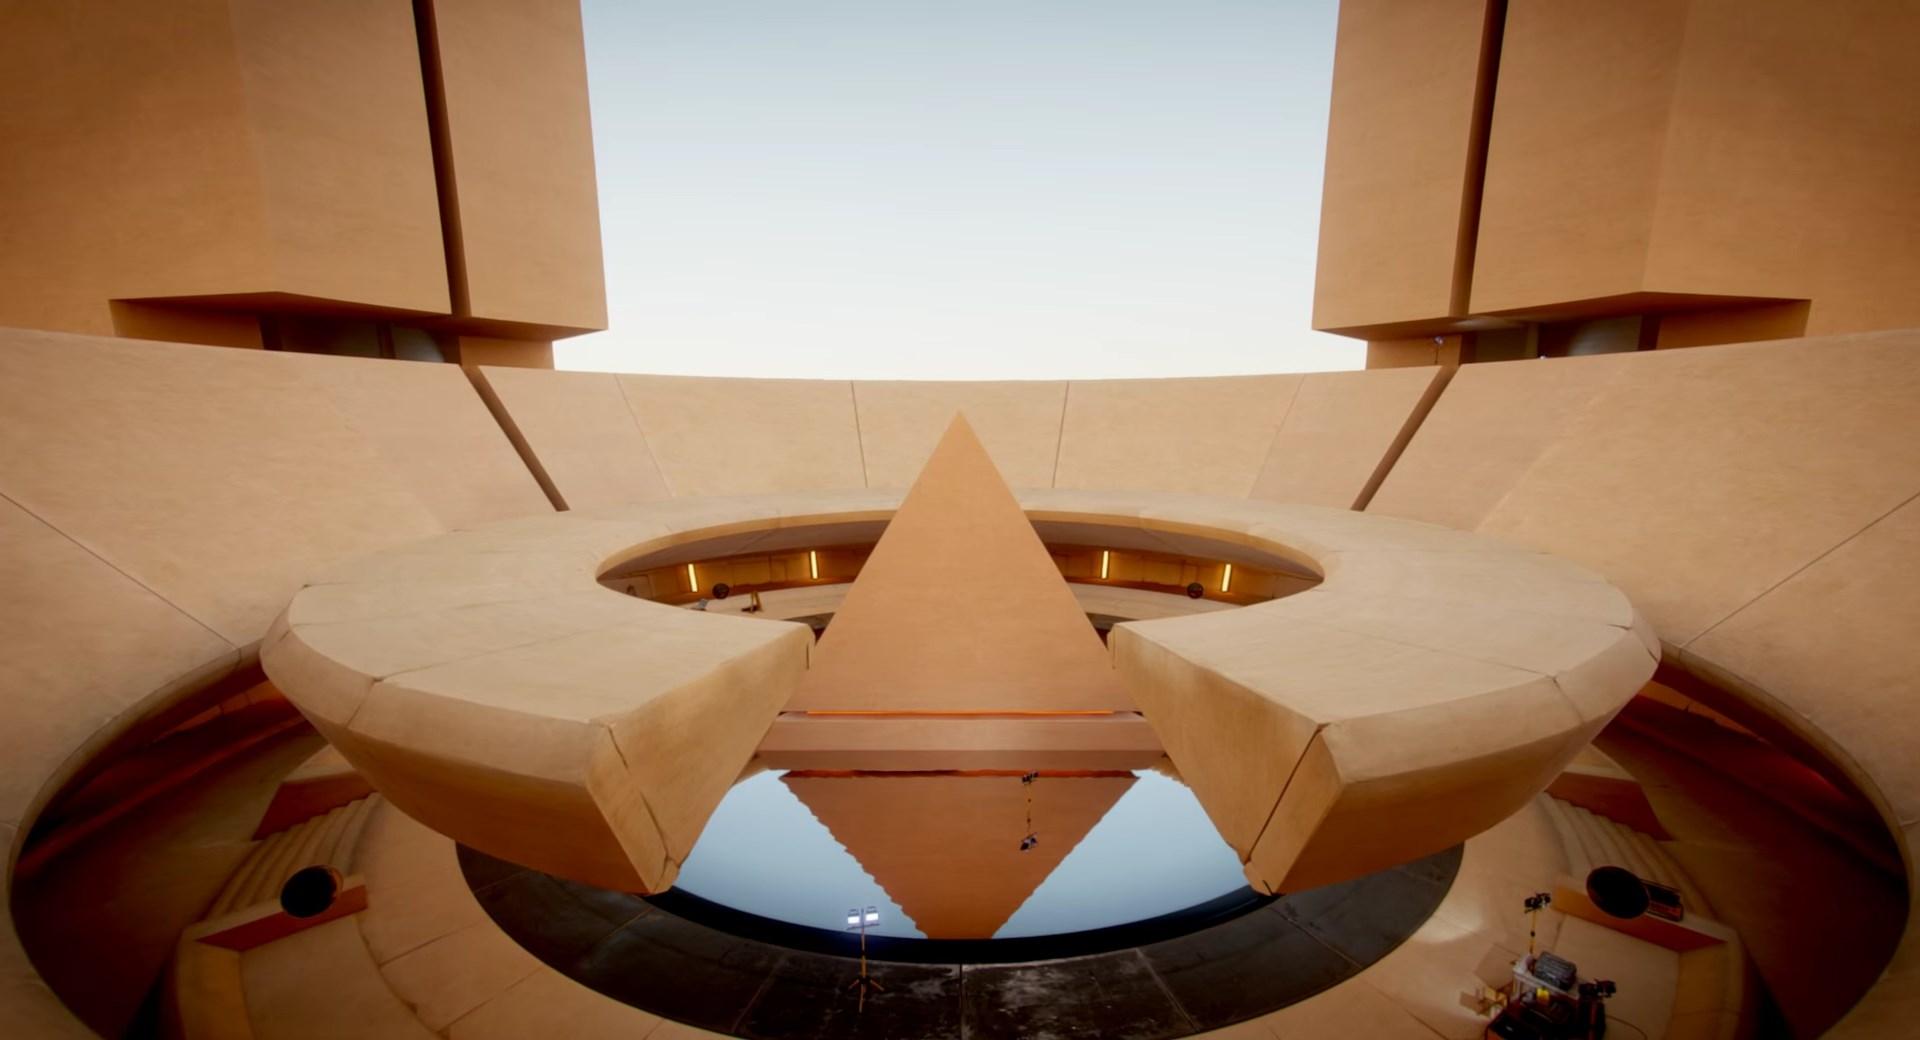 Unity 5 Lighting Demo: The Courtyard